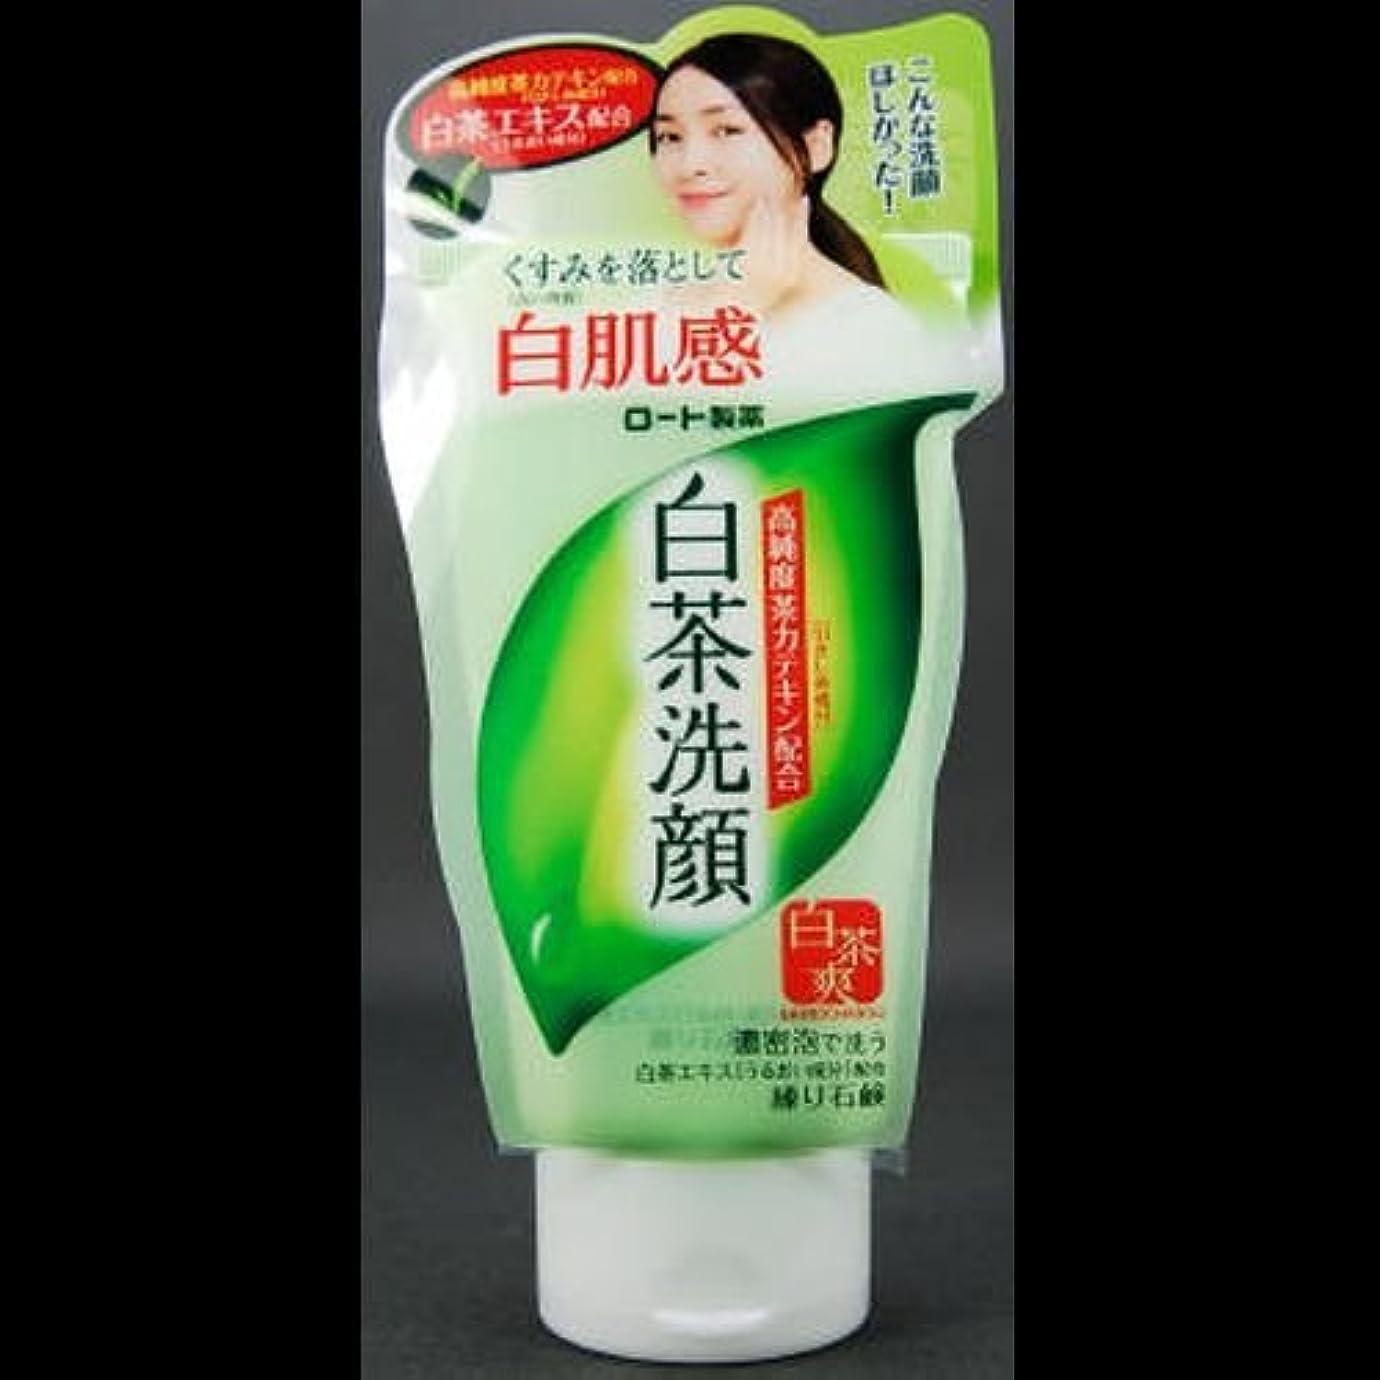 標準賞賛する不信【まとめ買い】白茶爽 白茶練り石鹸 ×2セット